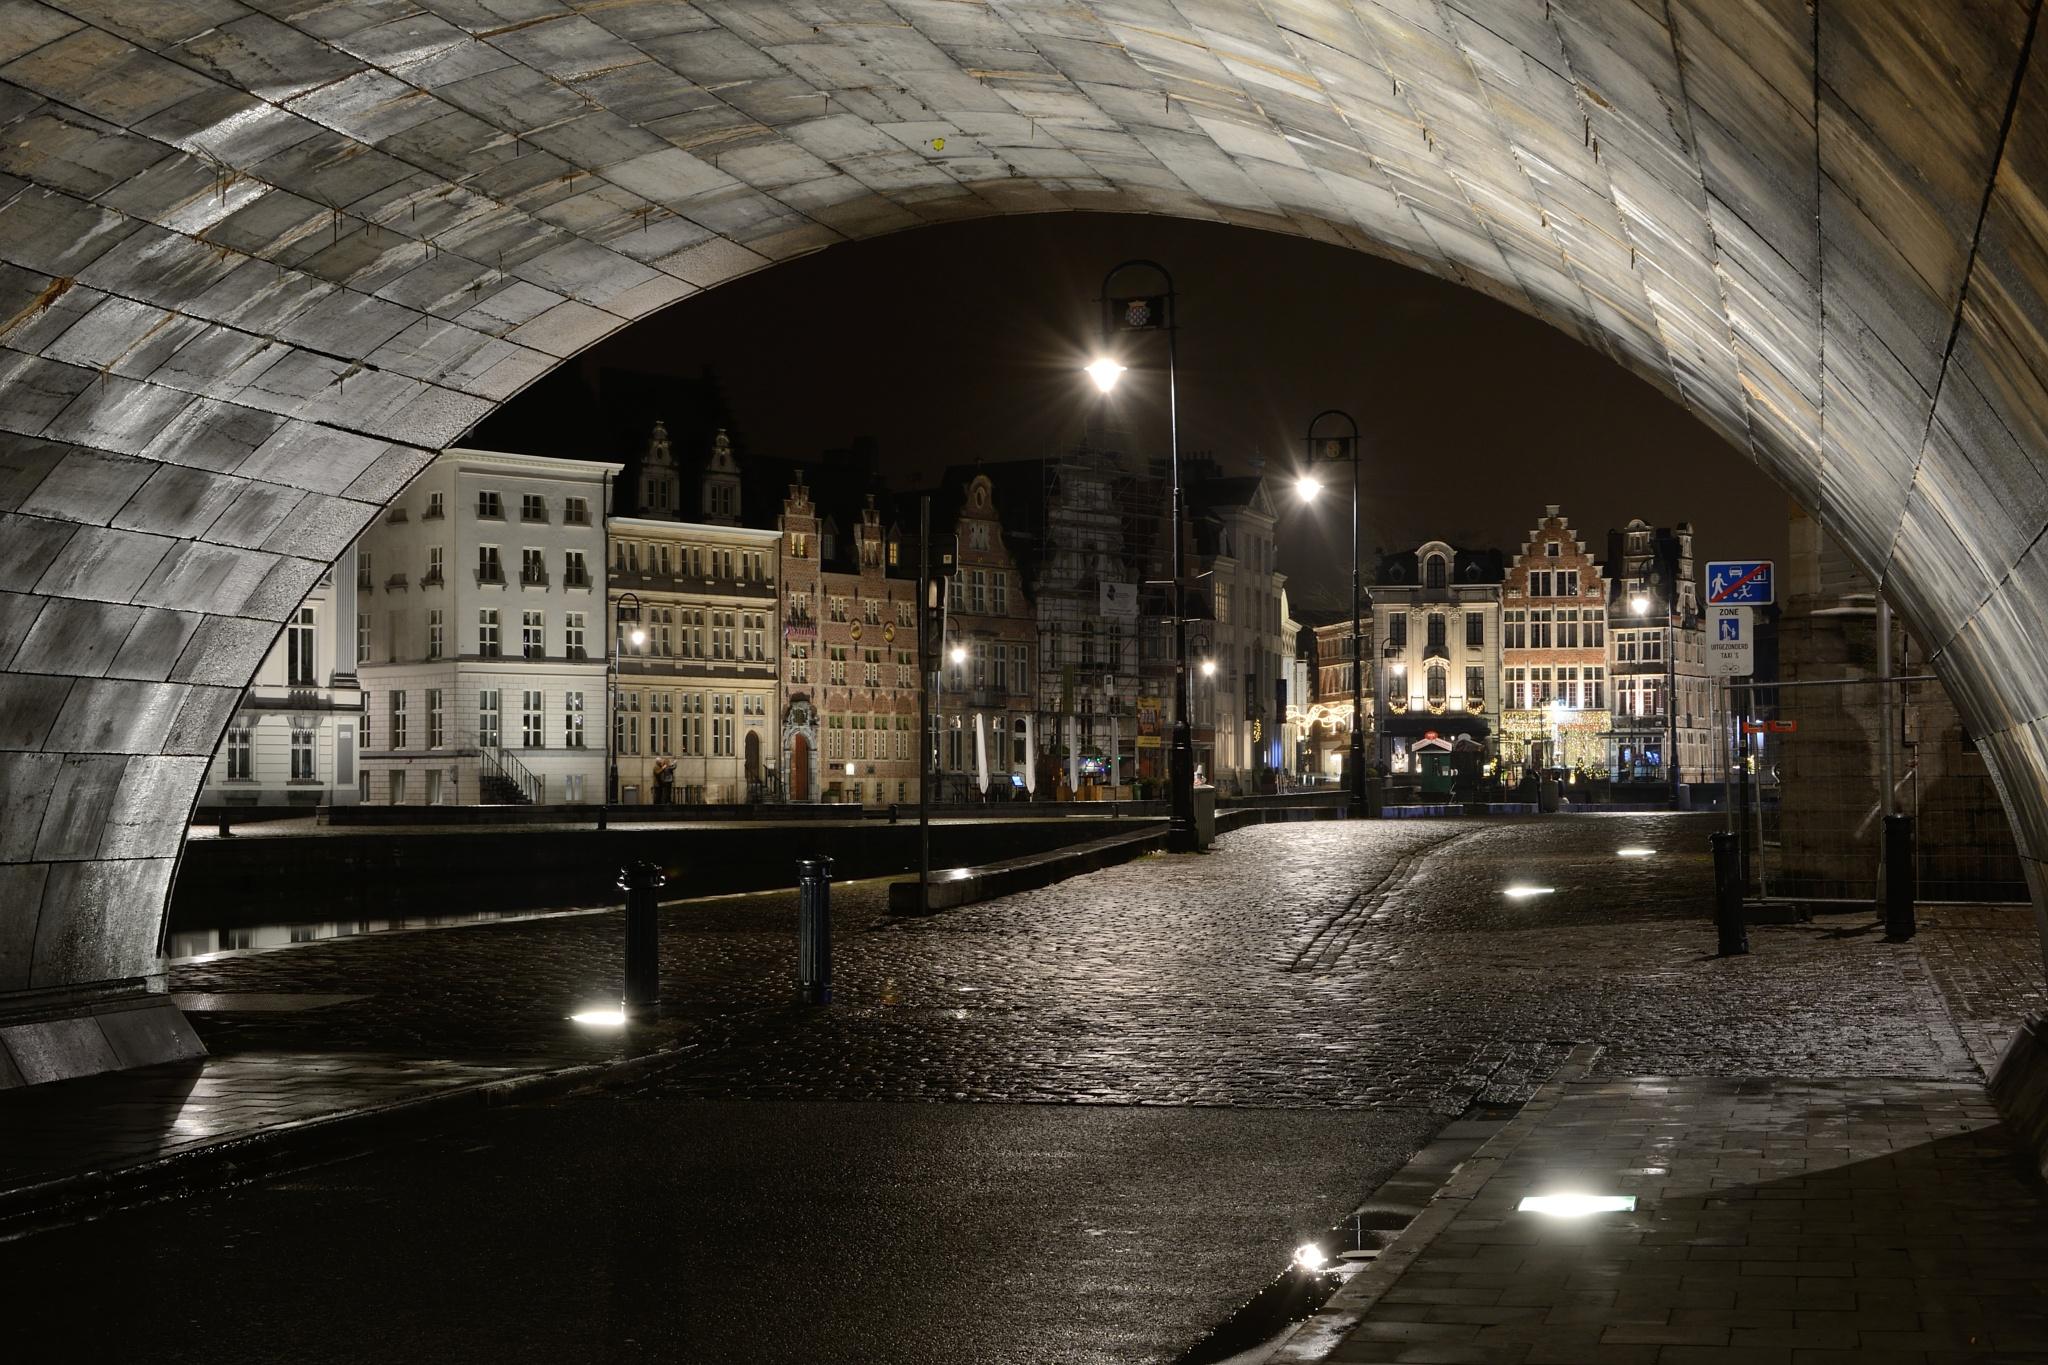 Graslei Ghent, Belgium by Wim Byl